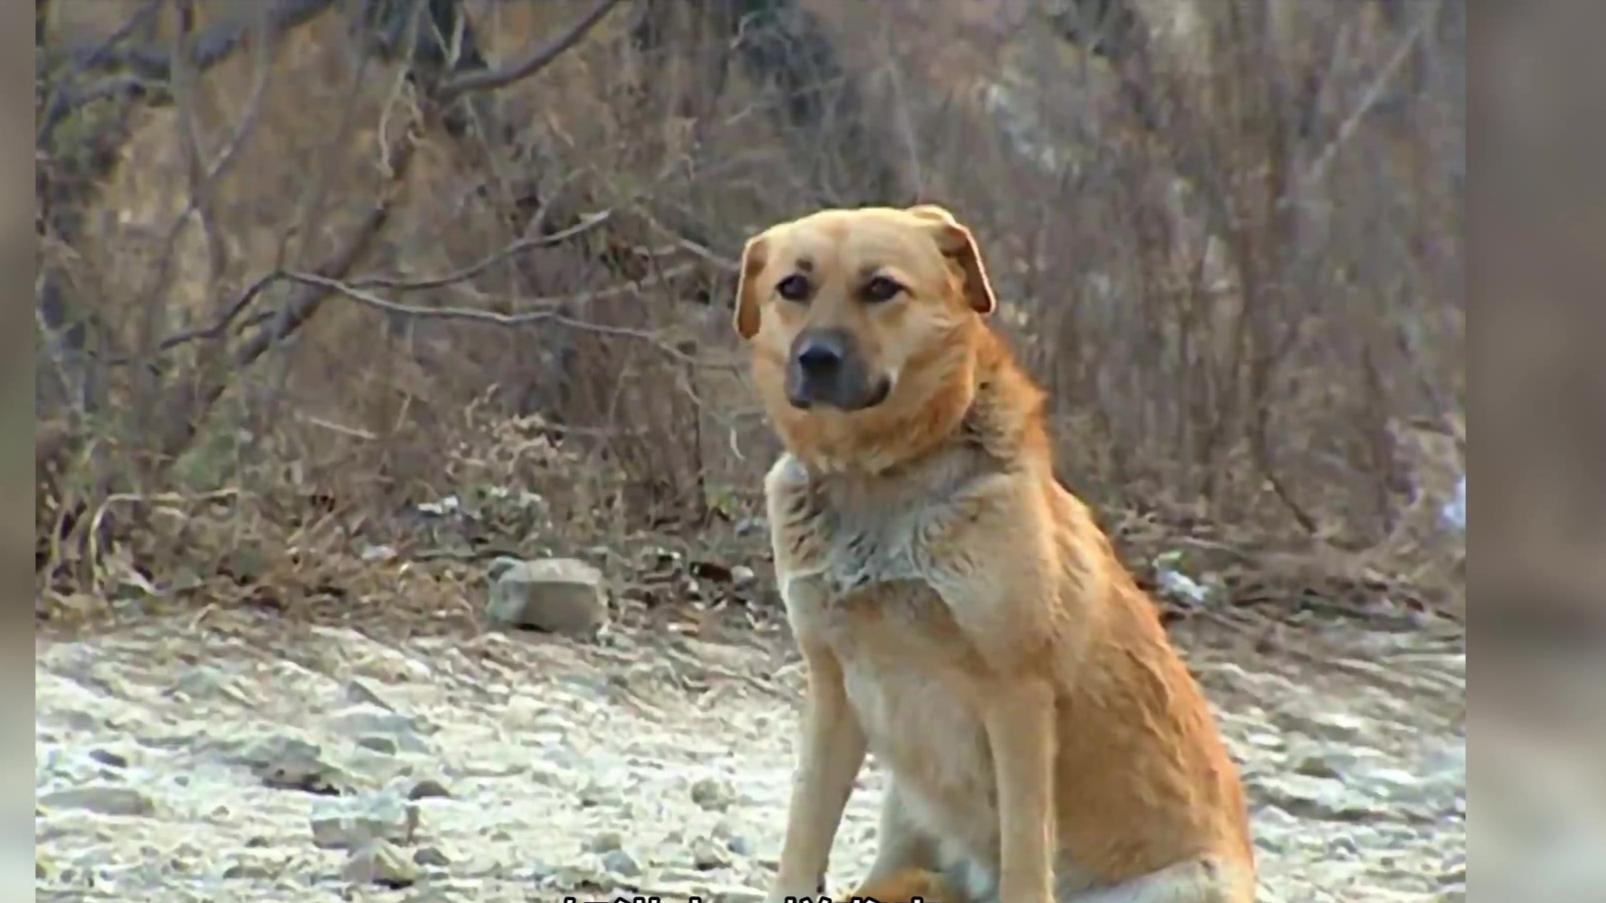 【武侠人物志】阿黄,武侠第一狗,一只具有内功重情重义的狗